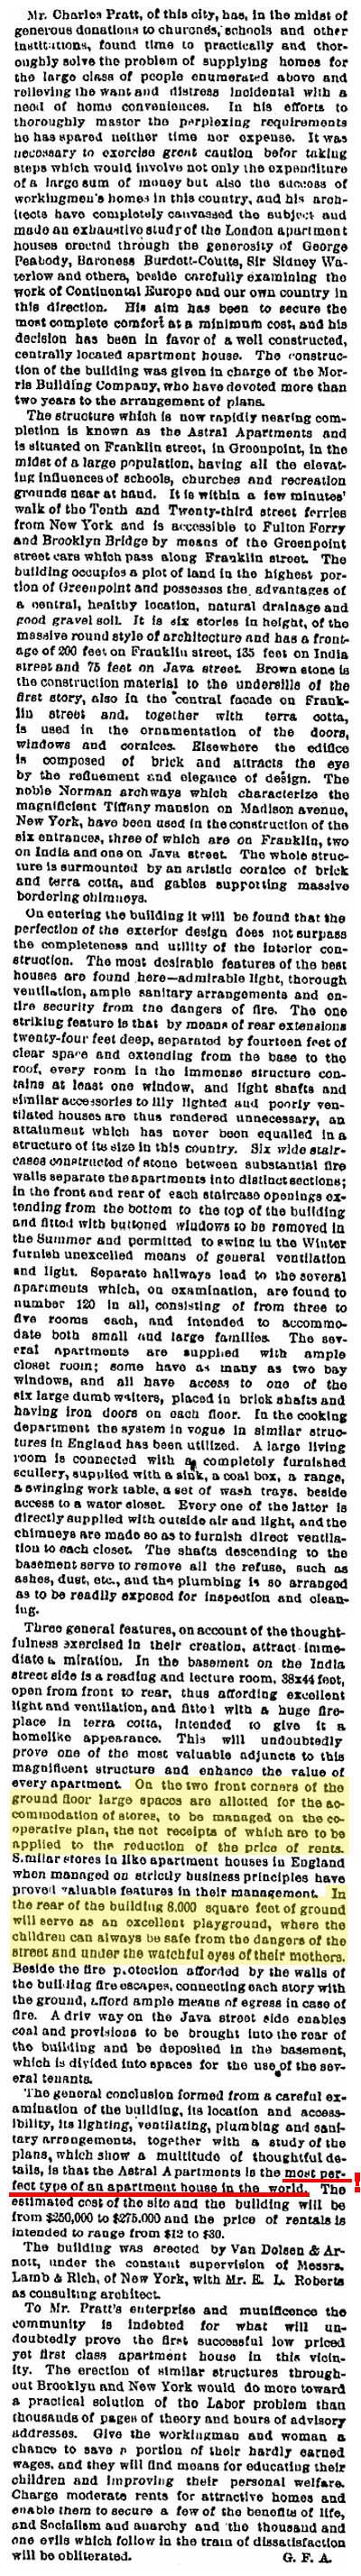 12/5/1886 Brooklyn Daily Eagle